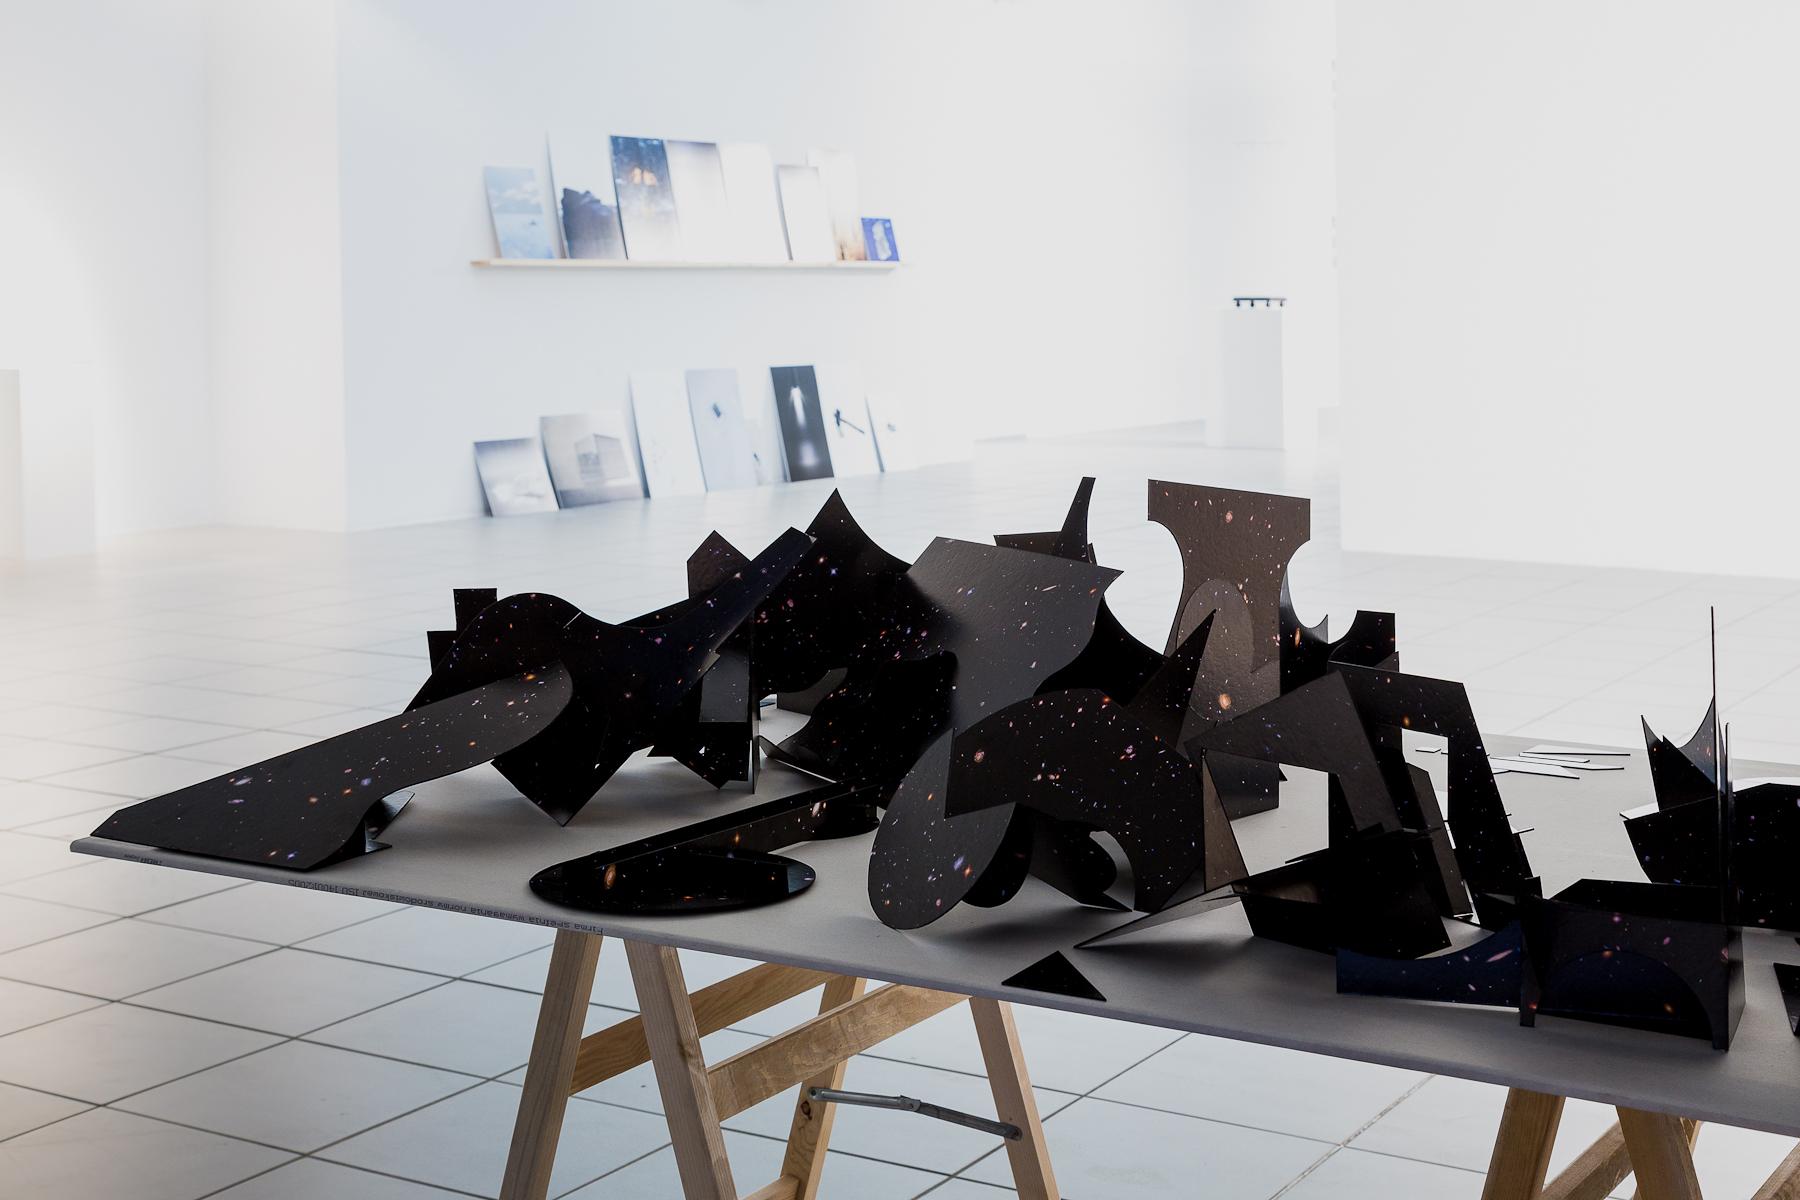 Kornel Janczy, Mapa nieba, farba akrylowa natekturze, instalacja, 2015